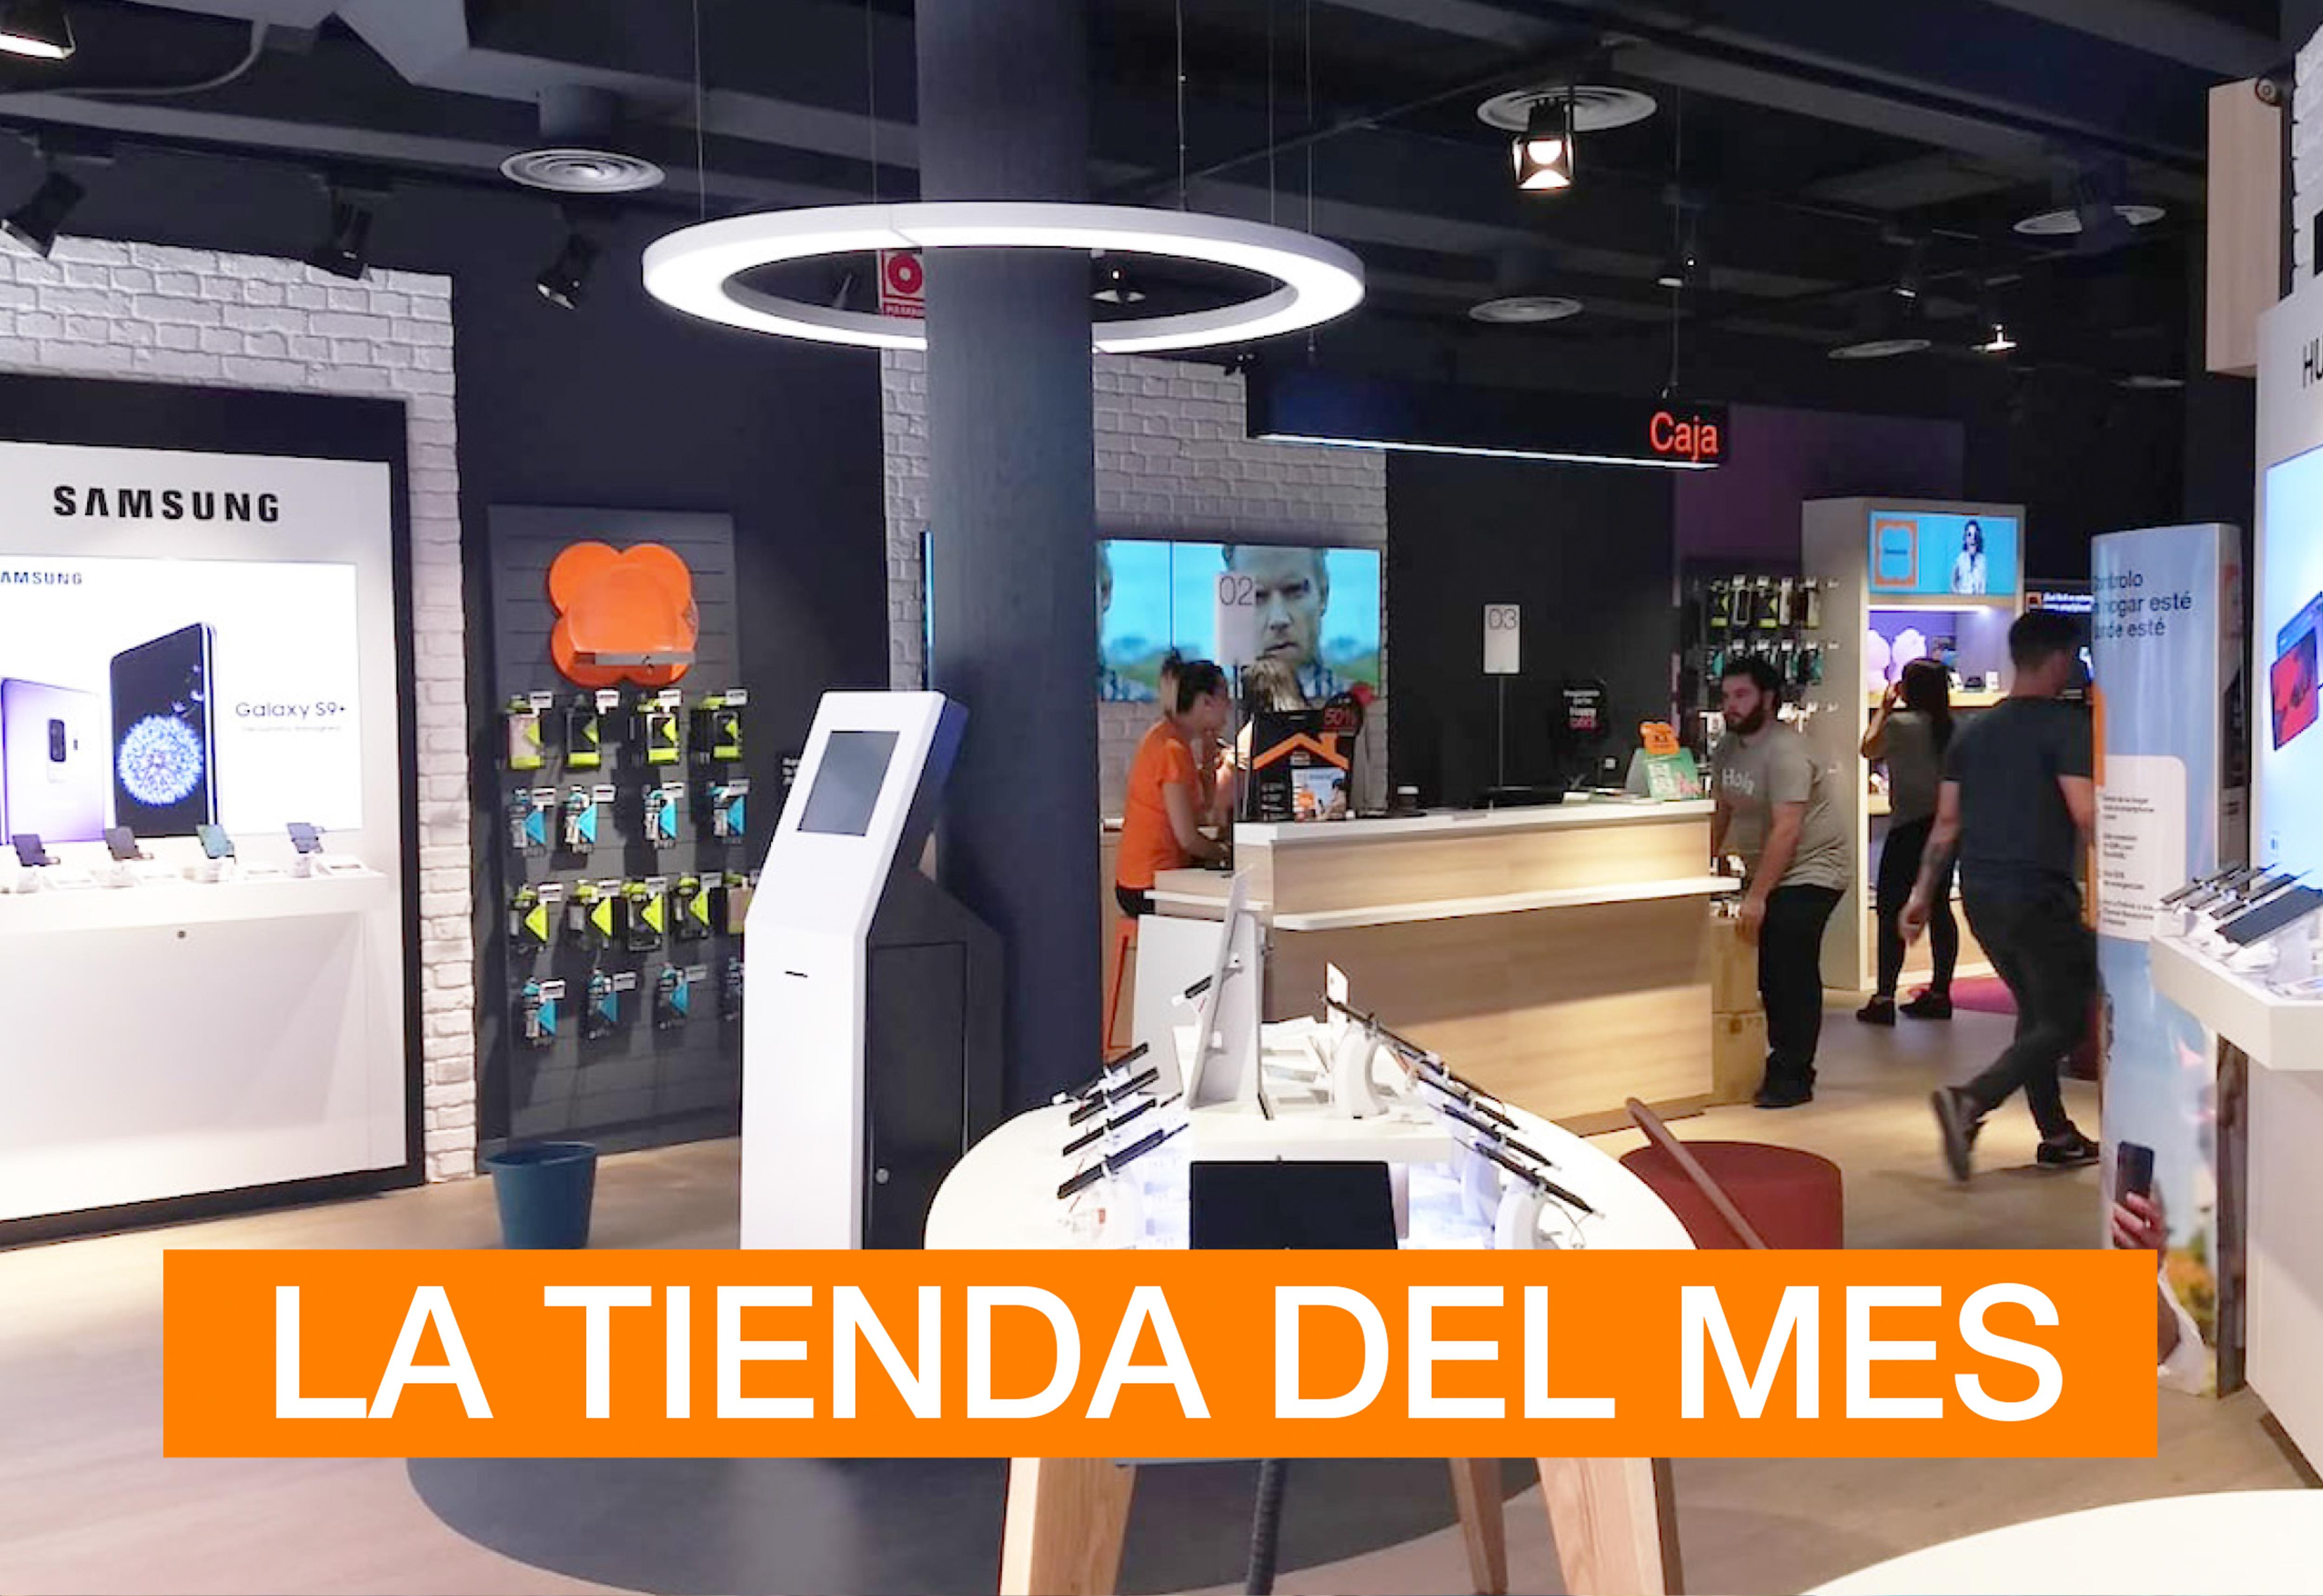 La tienda del mes: Bilbao (Bizkaia) · C/ Buenos Aires 4